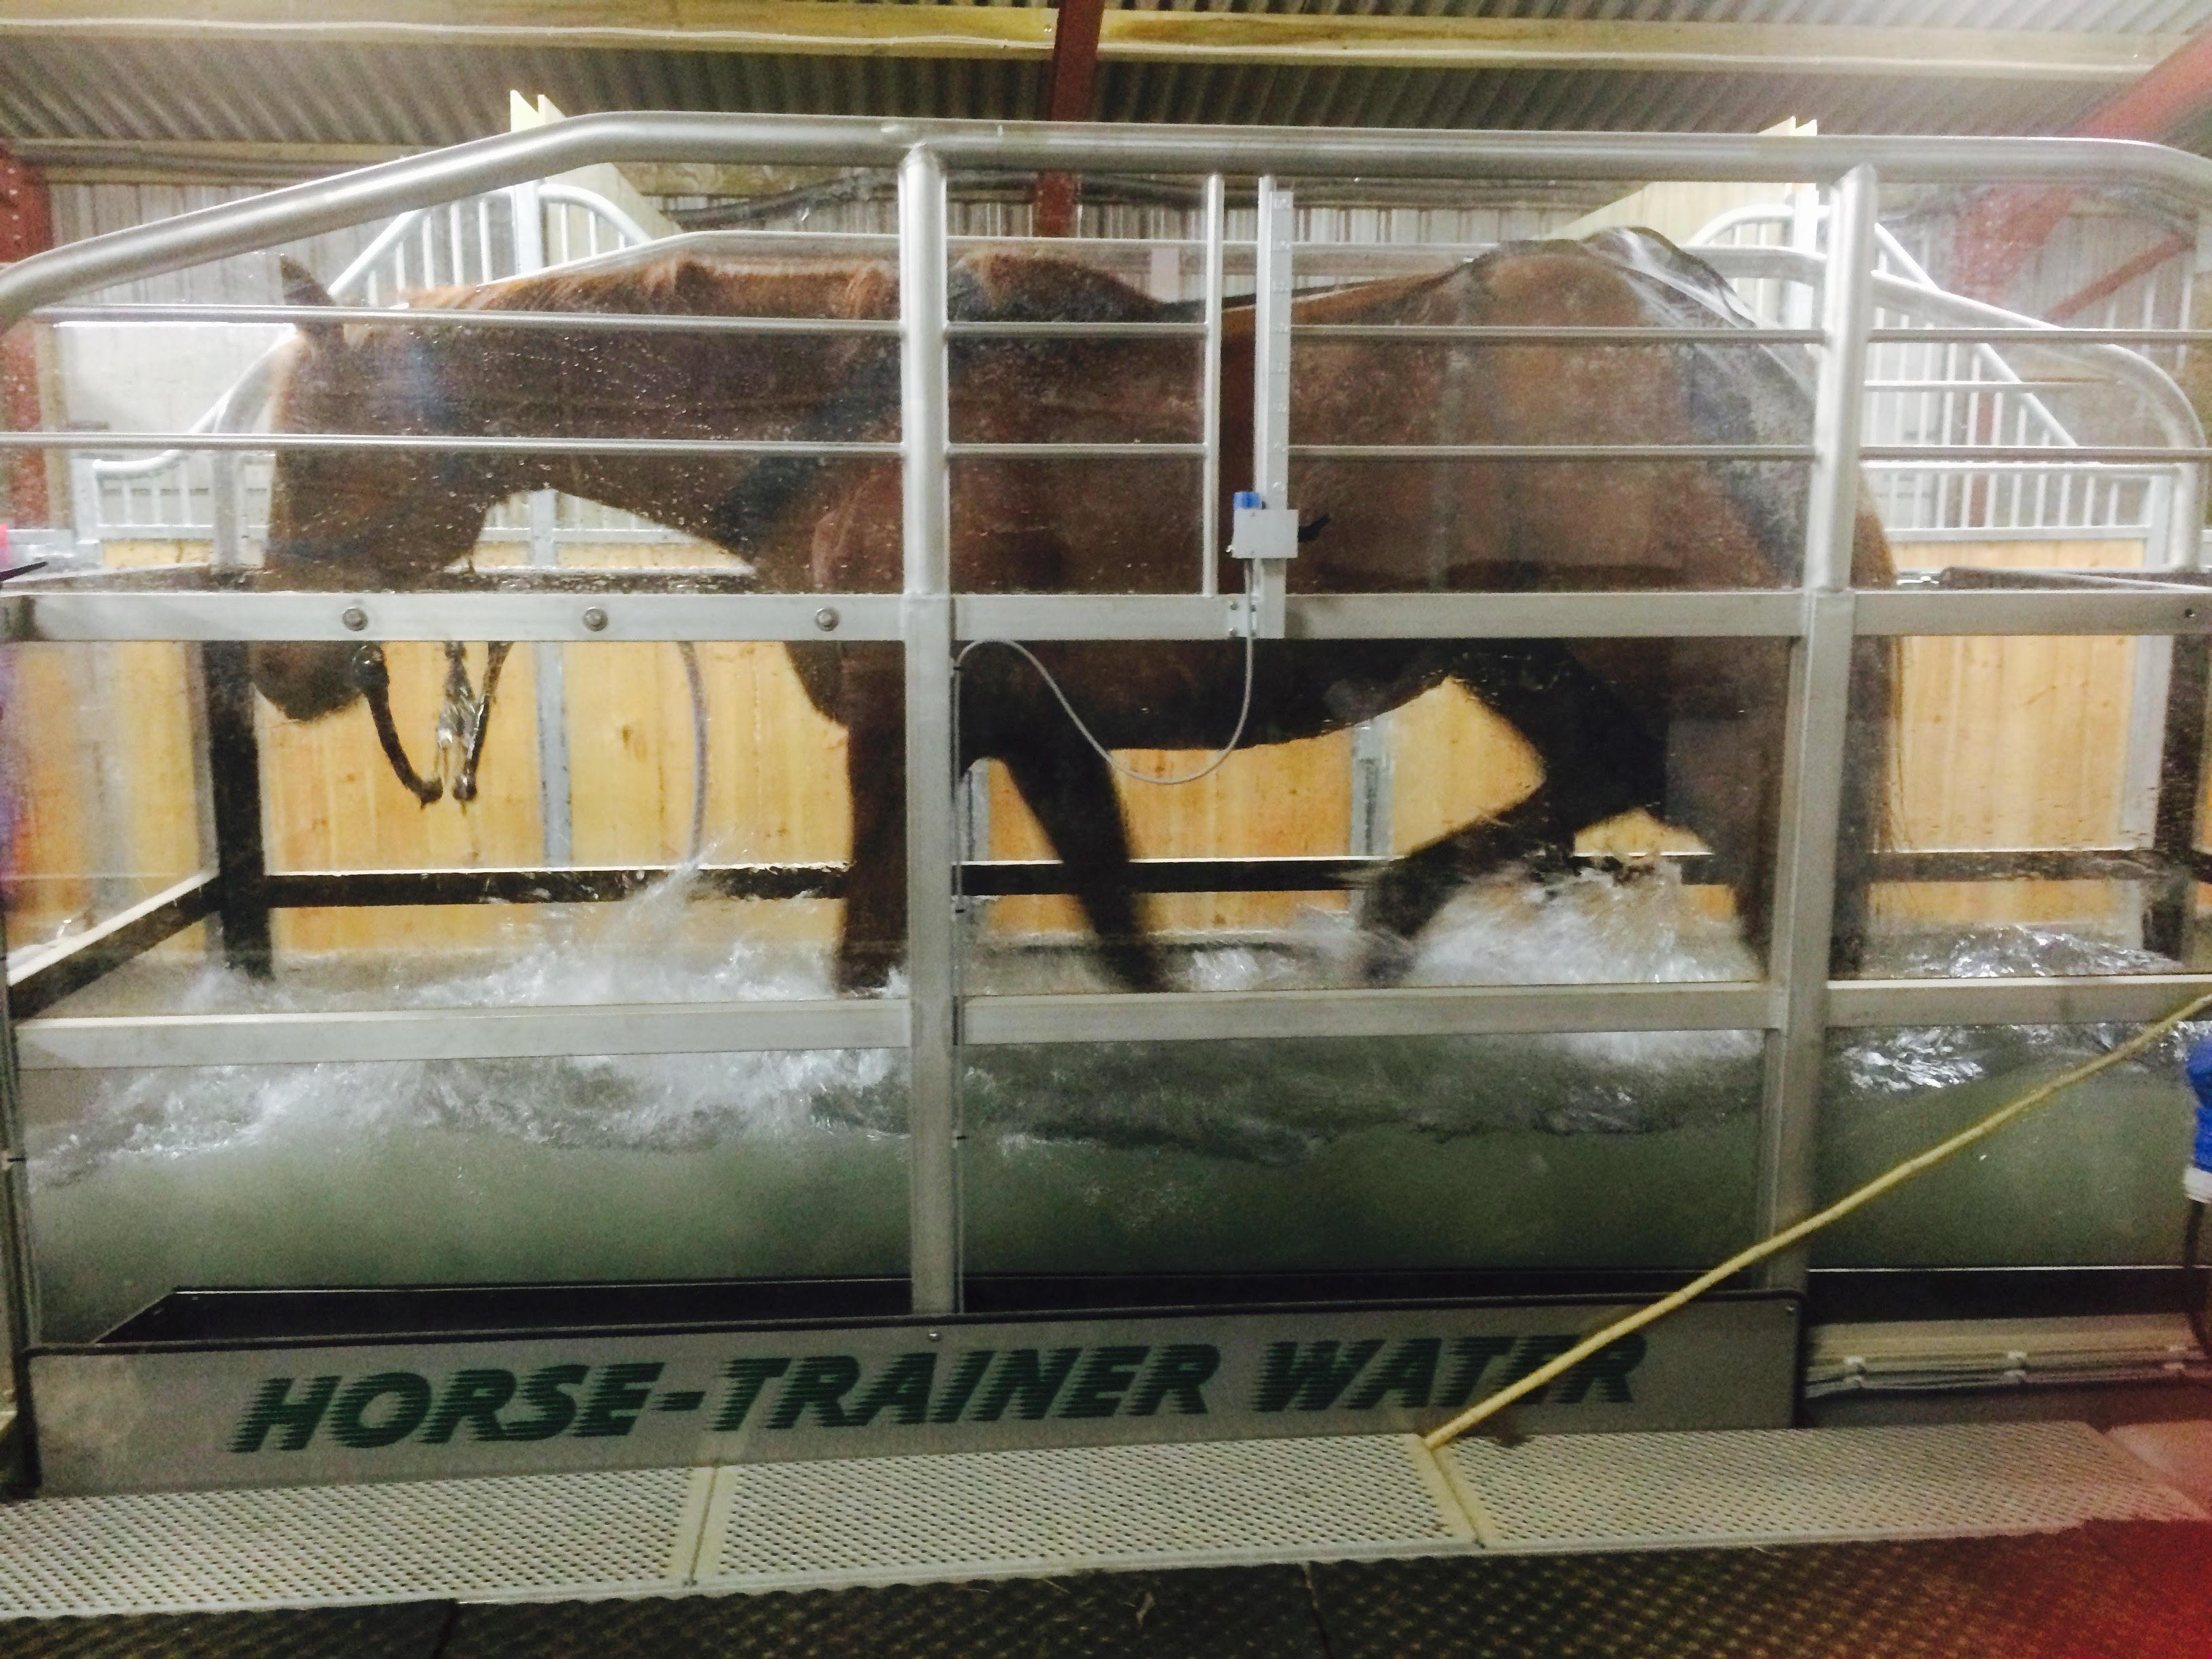 treadmill horse 2